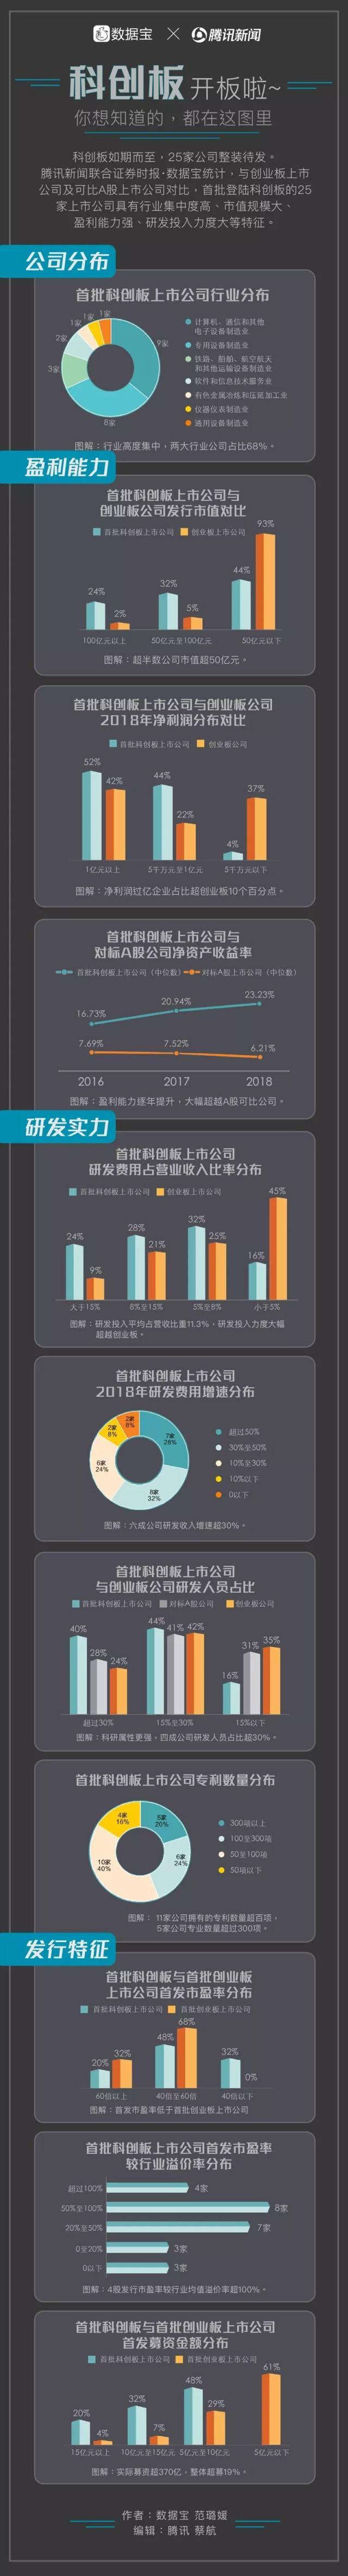 大数据透视首批科创板上市公司特征:盈利能力和研发投入力度均超A股可比公司